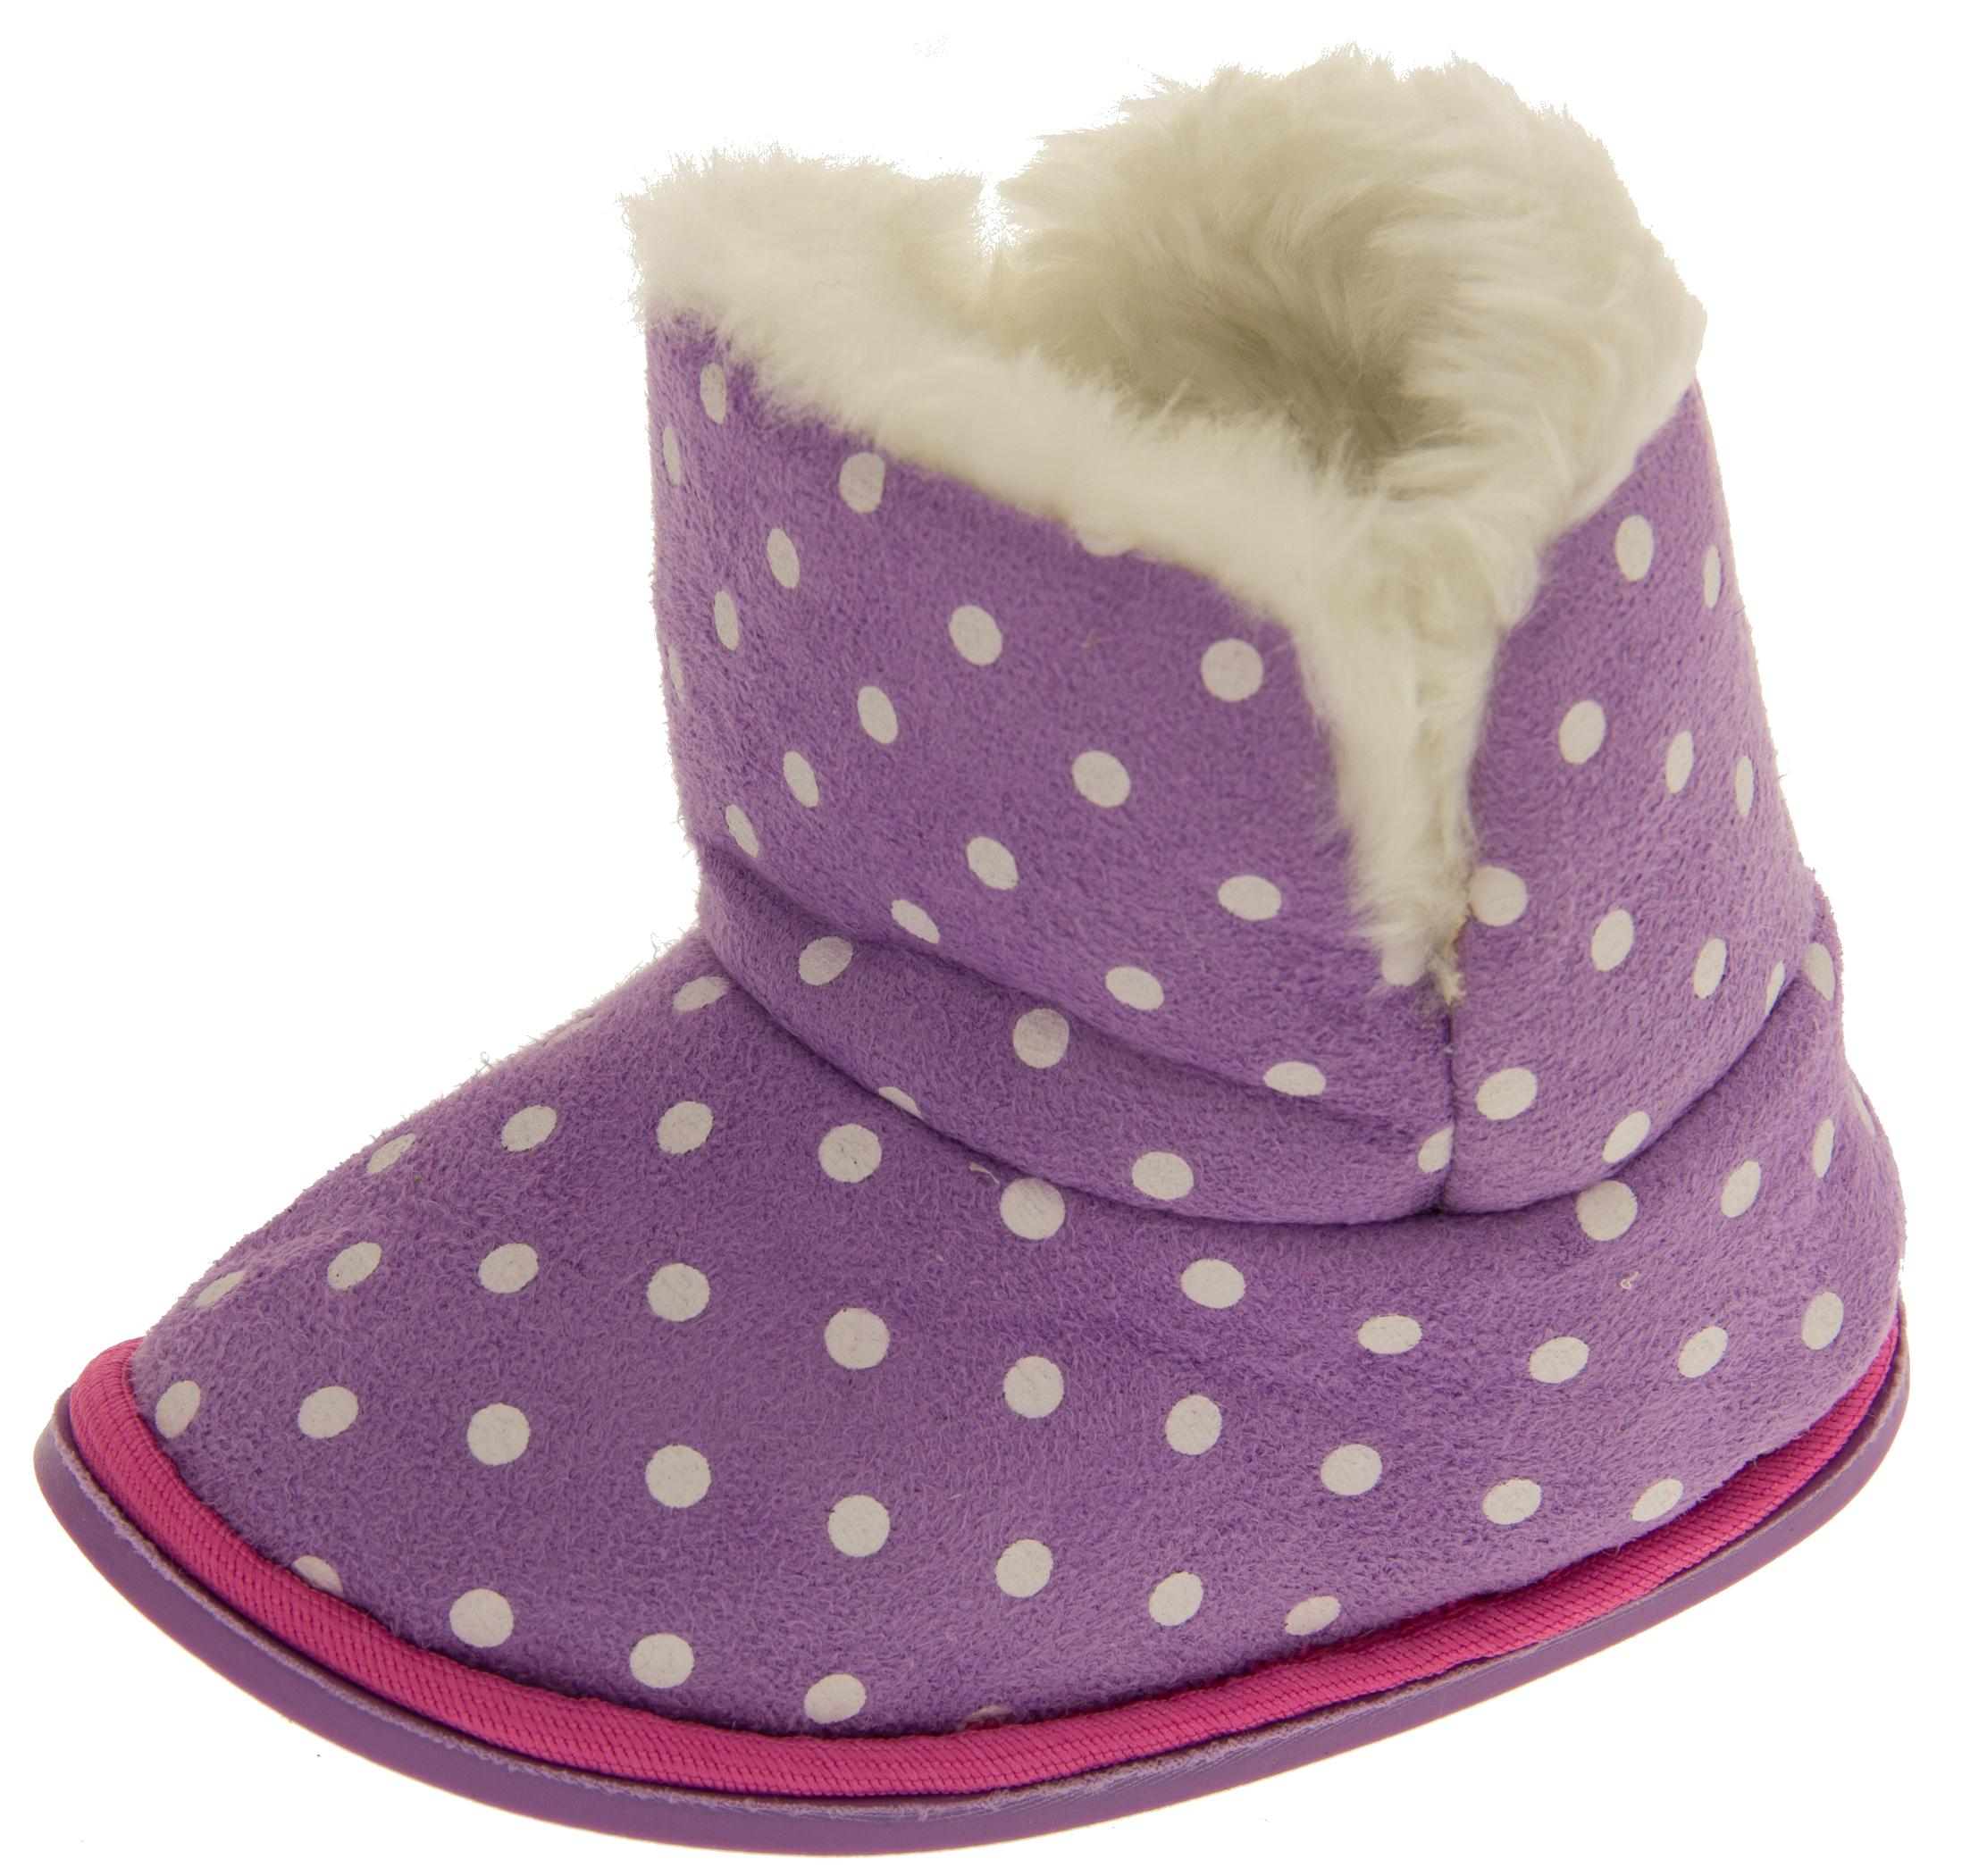 d75cf442b3a53 Girls Purple Polka Dot Faux Fur Lined Slipper Booties Flexible Sole